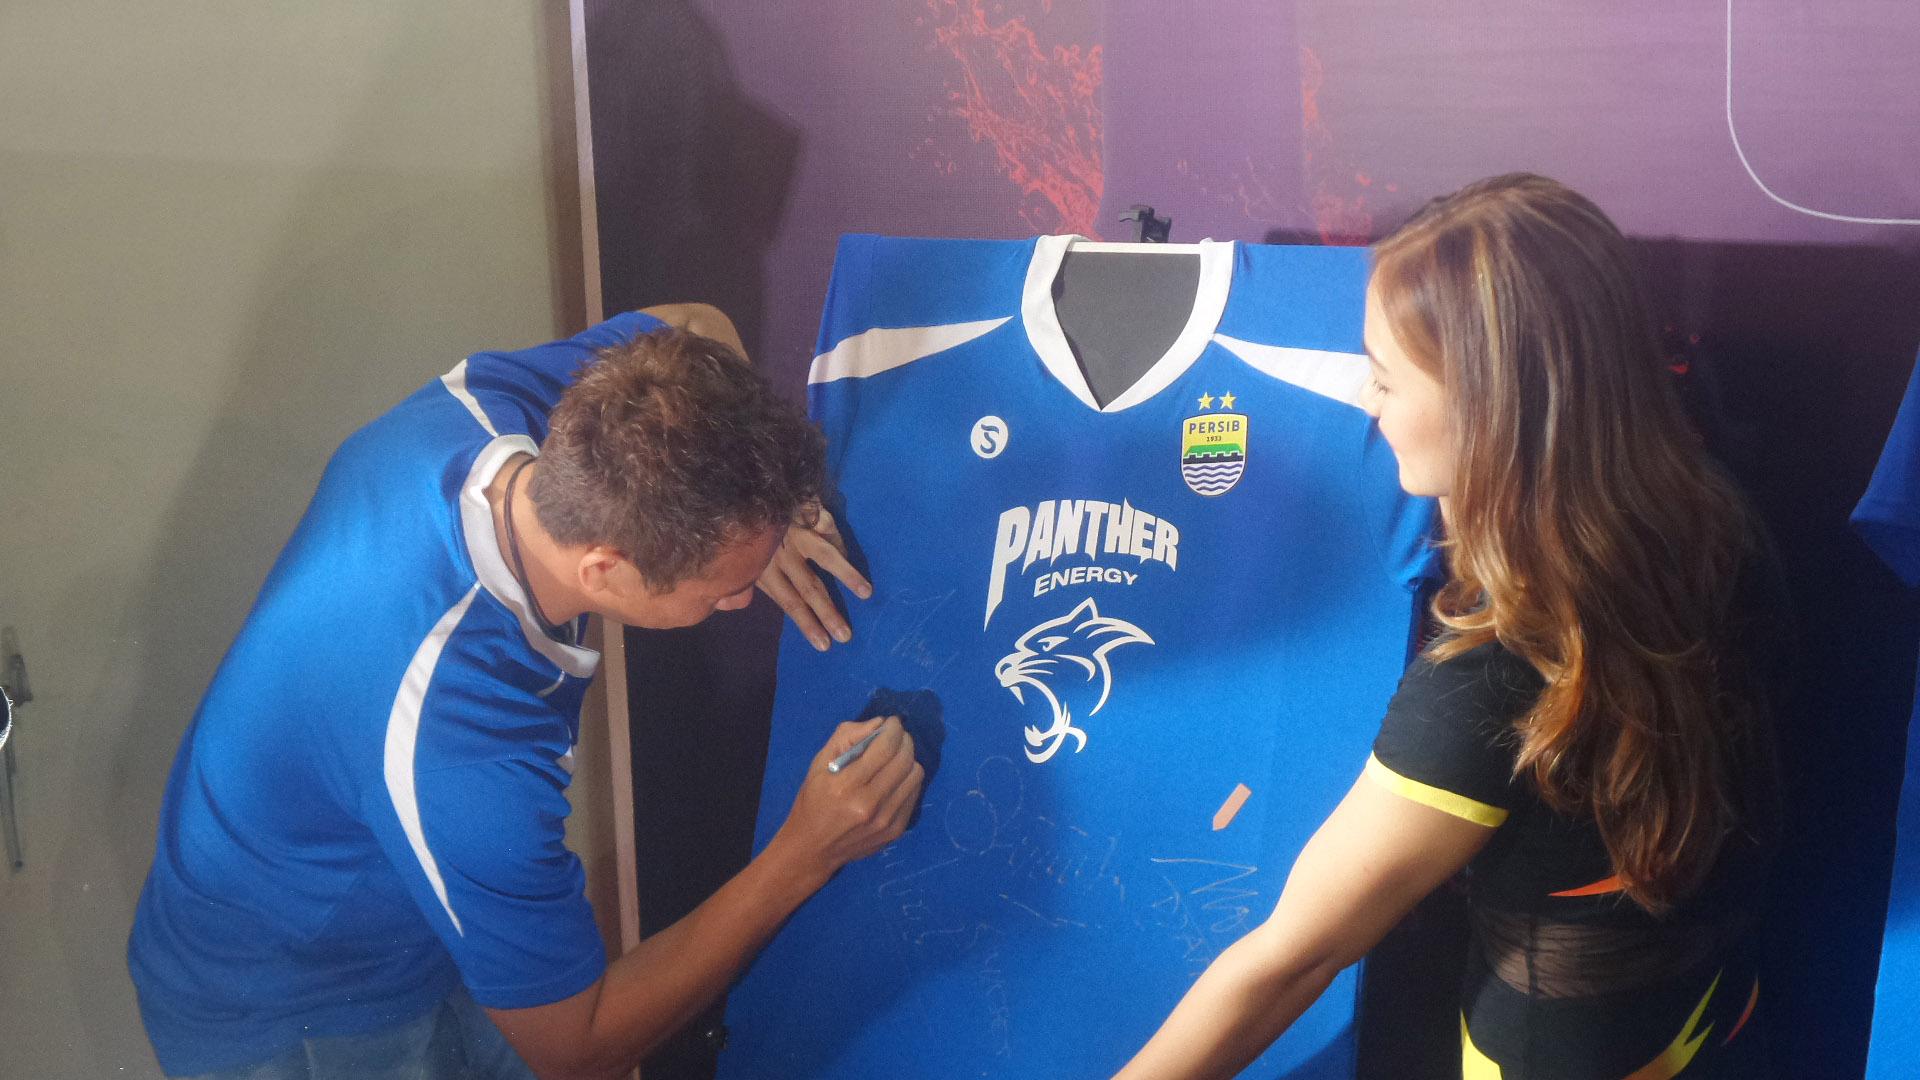 I Made Wirawan Menandatangani Jersey Persib Bandung Berlogo Panther Energy - Penjaja Kata